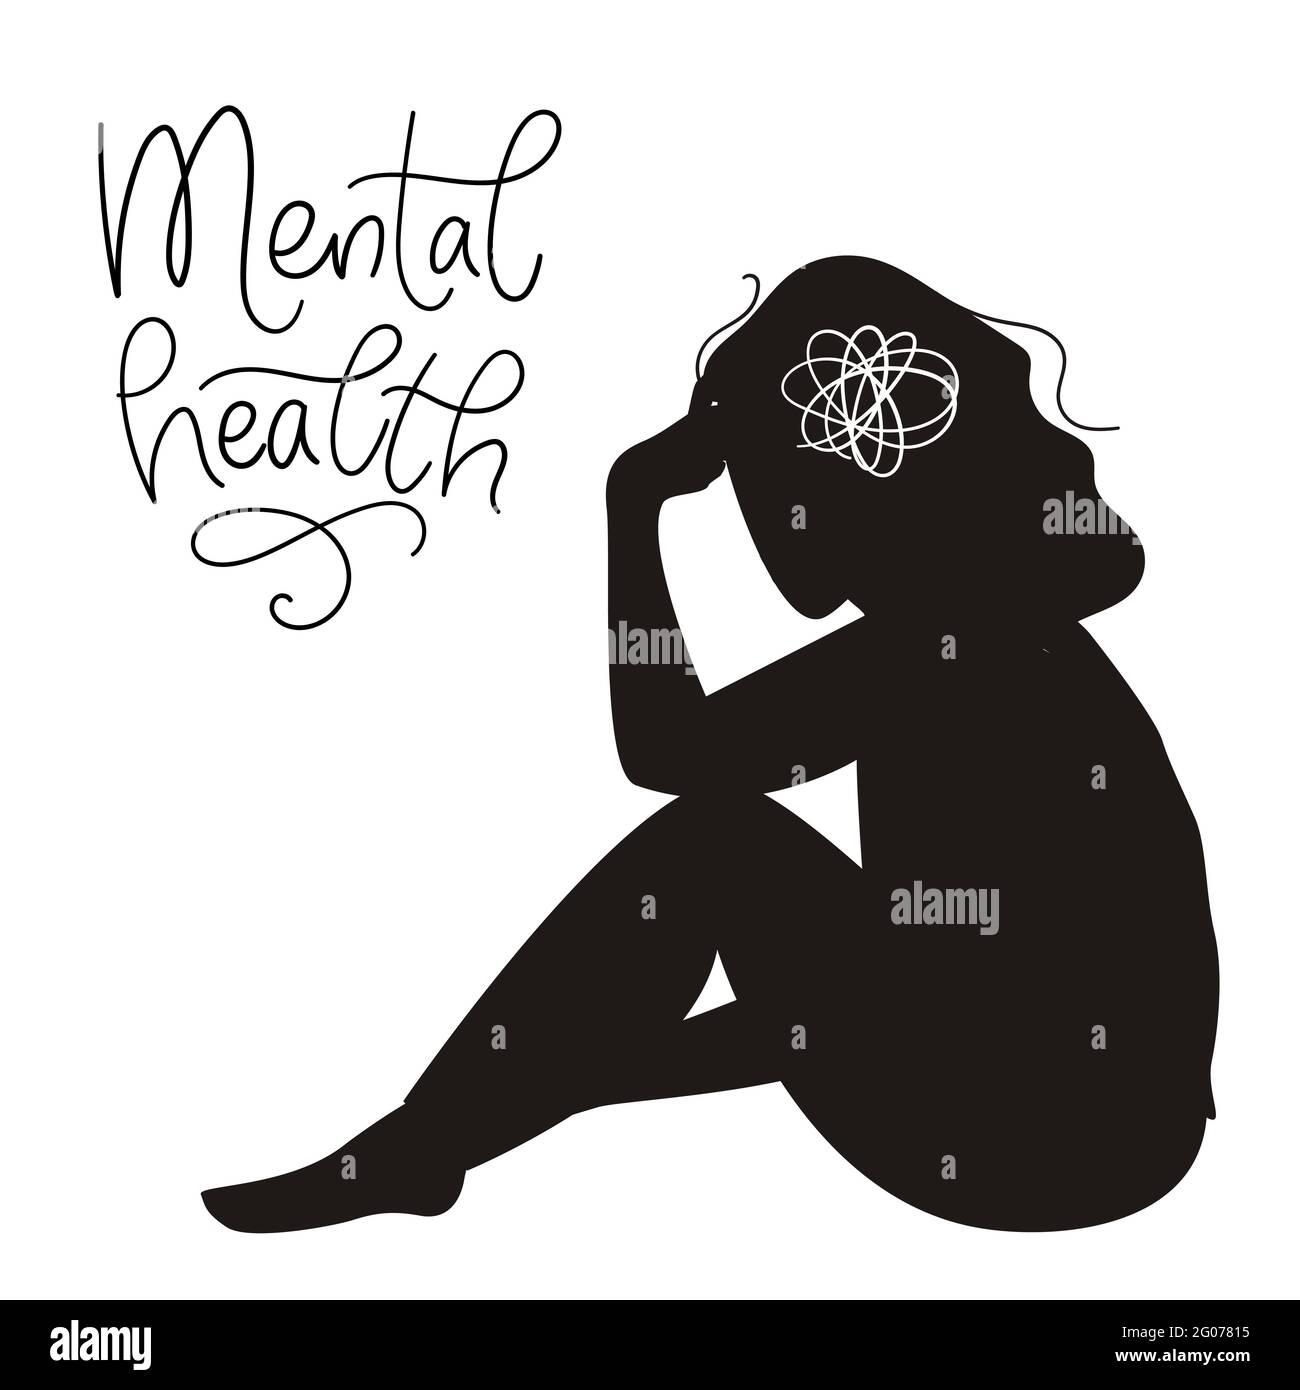 Concepto de salud mental. Silueta de mujeres tristes con depresión sentada en el suelo. Ilustración de vectores de colores en estilo de dibujos animados planos Ilustración del Vector